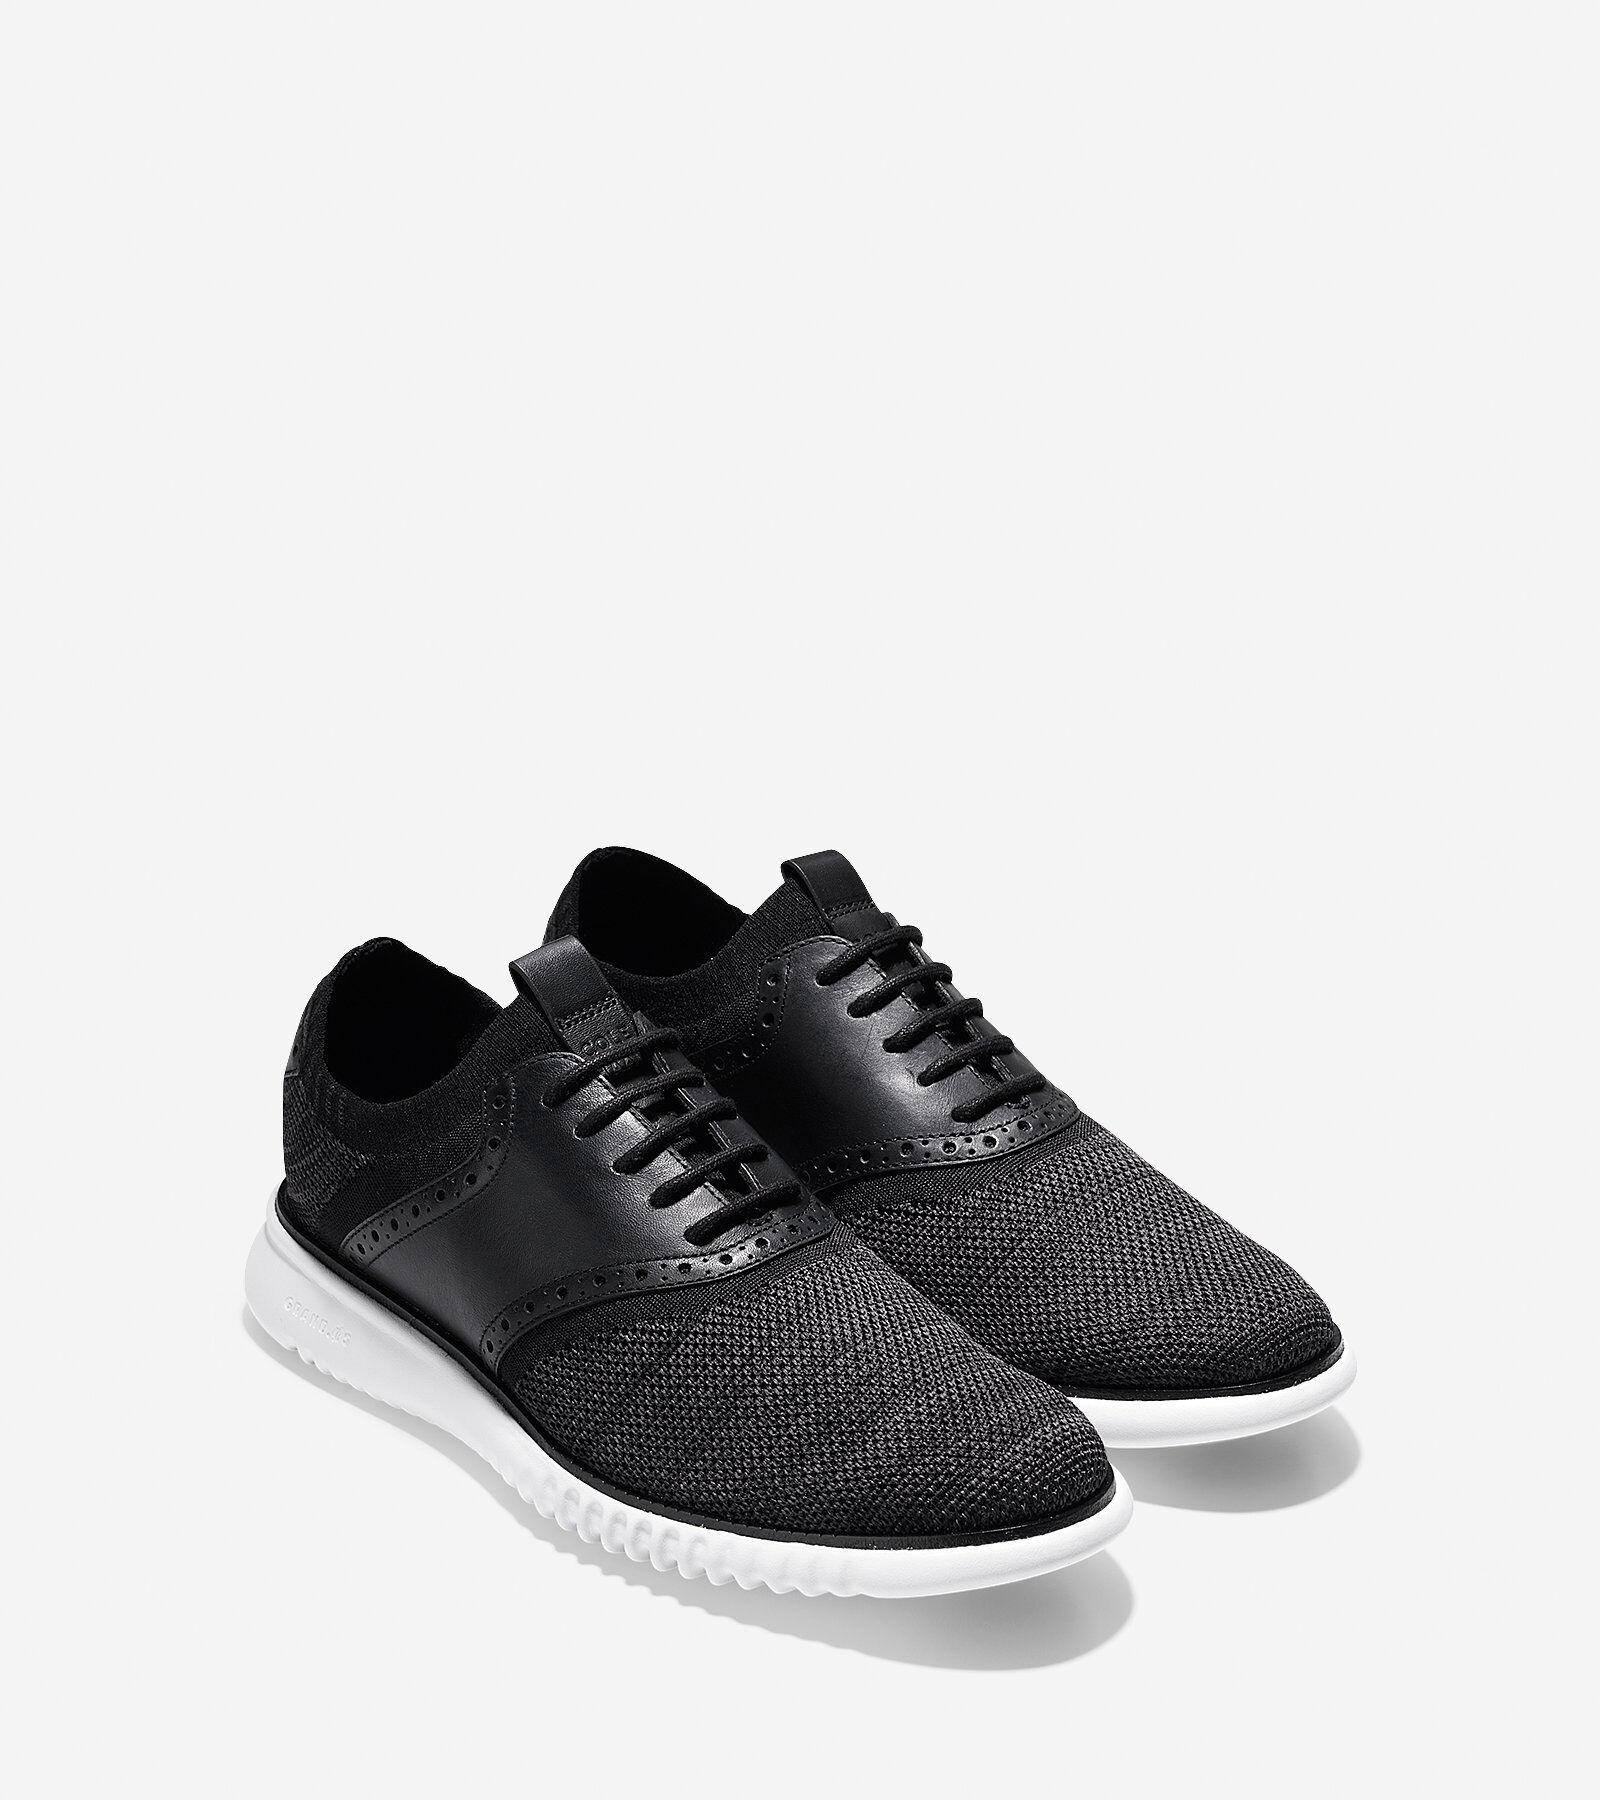 cole haan shoes 10 meters in feet 706535